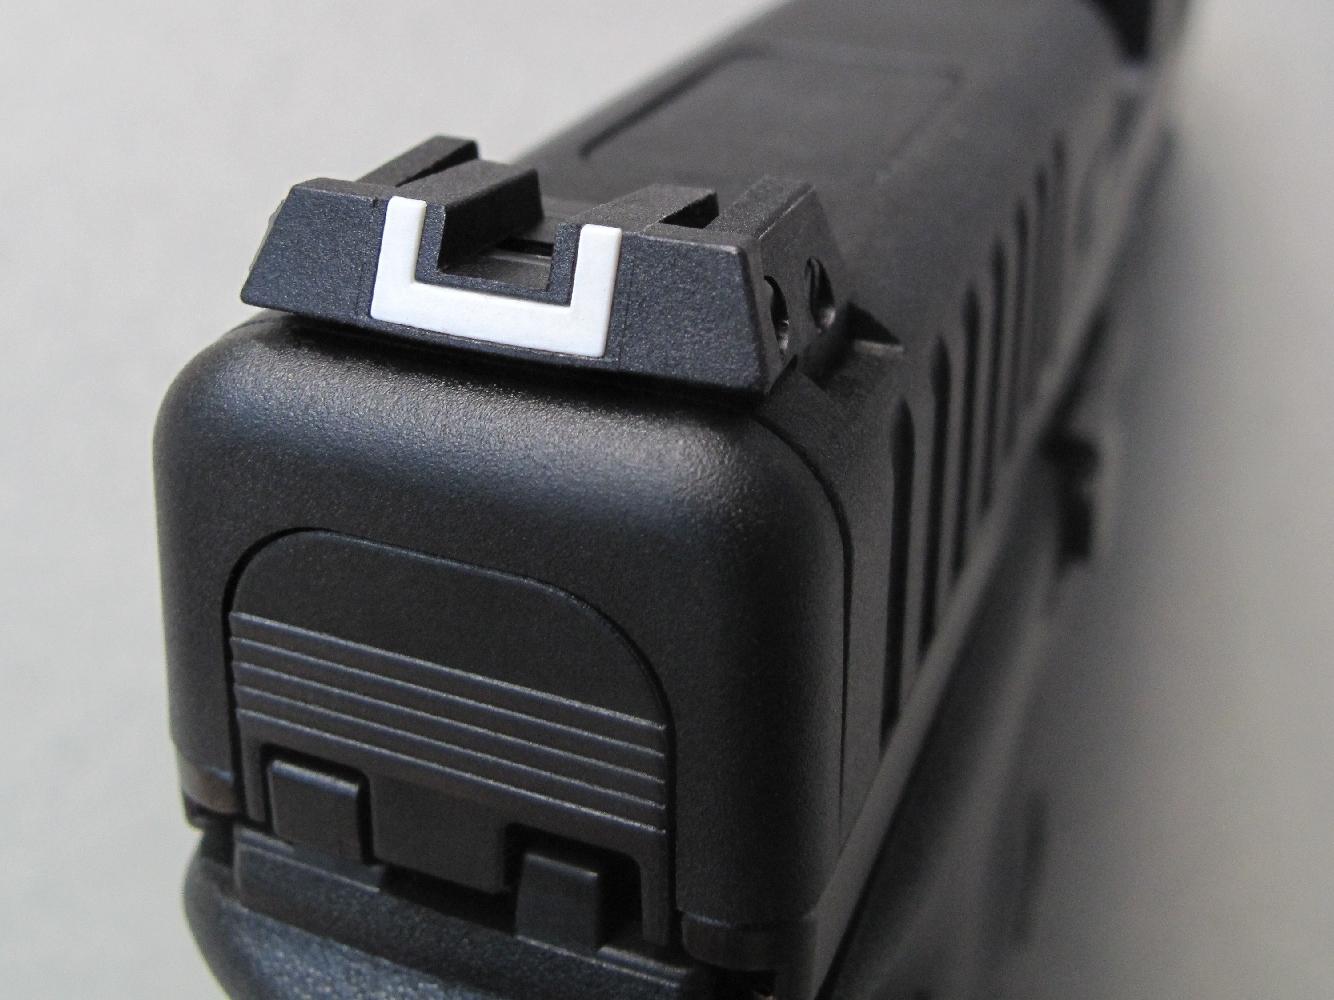 Alors que seule la partie centrale était mobile sur les hausses réglables installées jusqu'alors sur les pistolets Glock, le G44 bénéficie d'une hausse nettement améliorée, dotée d'une large visière pour faciliter l'alignement en site.